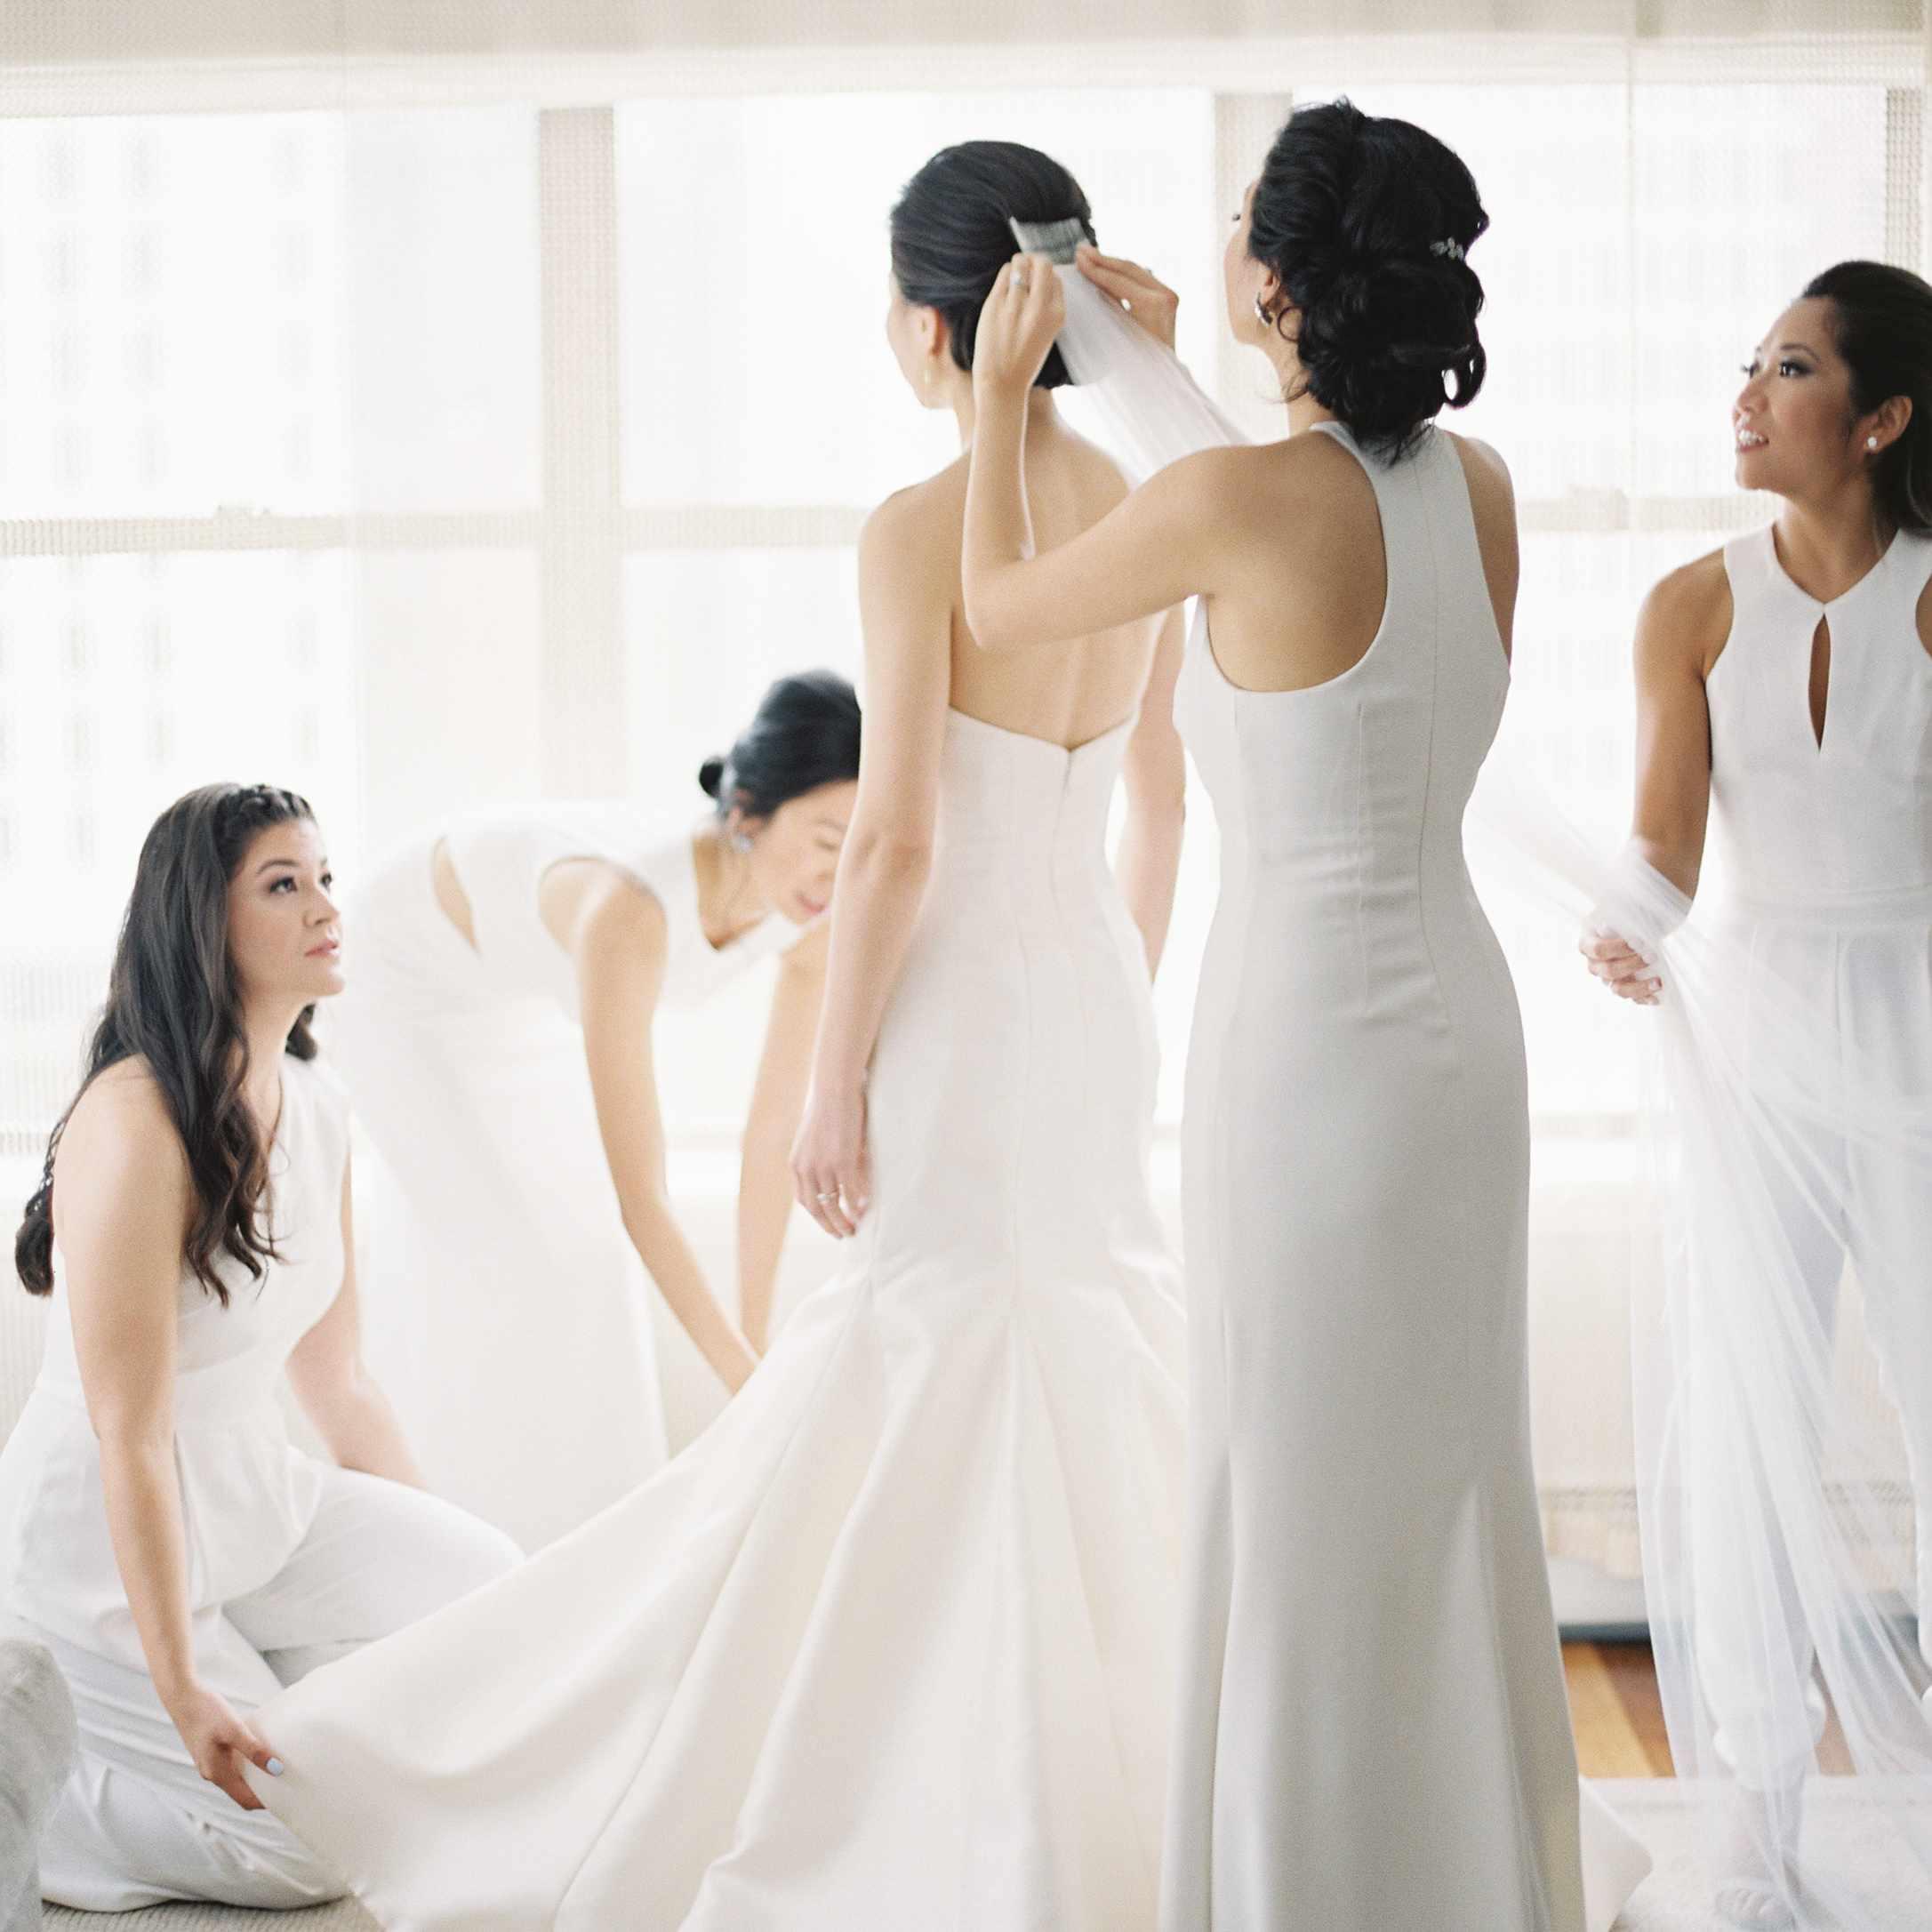 Bridesmaid helping bride dress